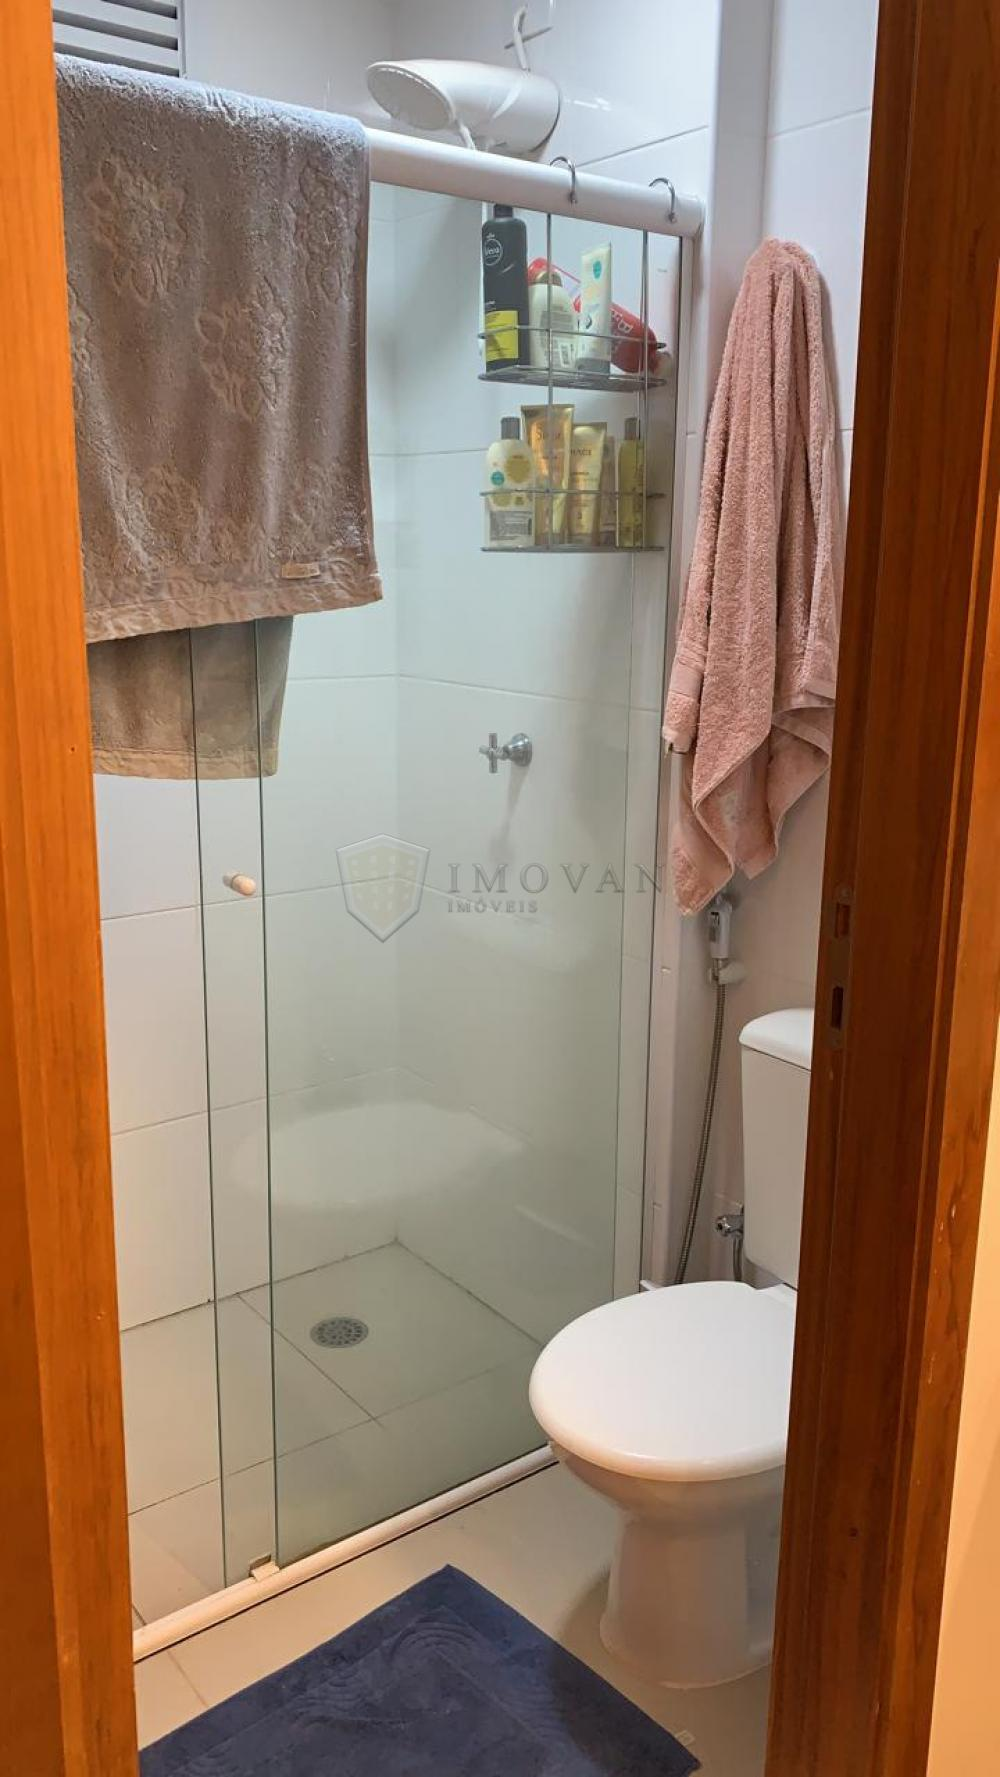 Comprar Apartamento / Padrão em Ribeirão Preto R$ 255.000,00 - Foto 4